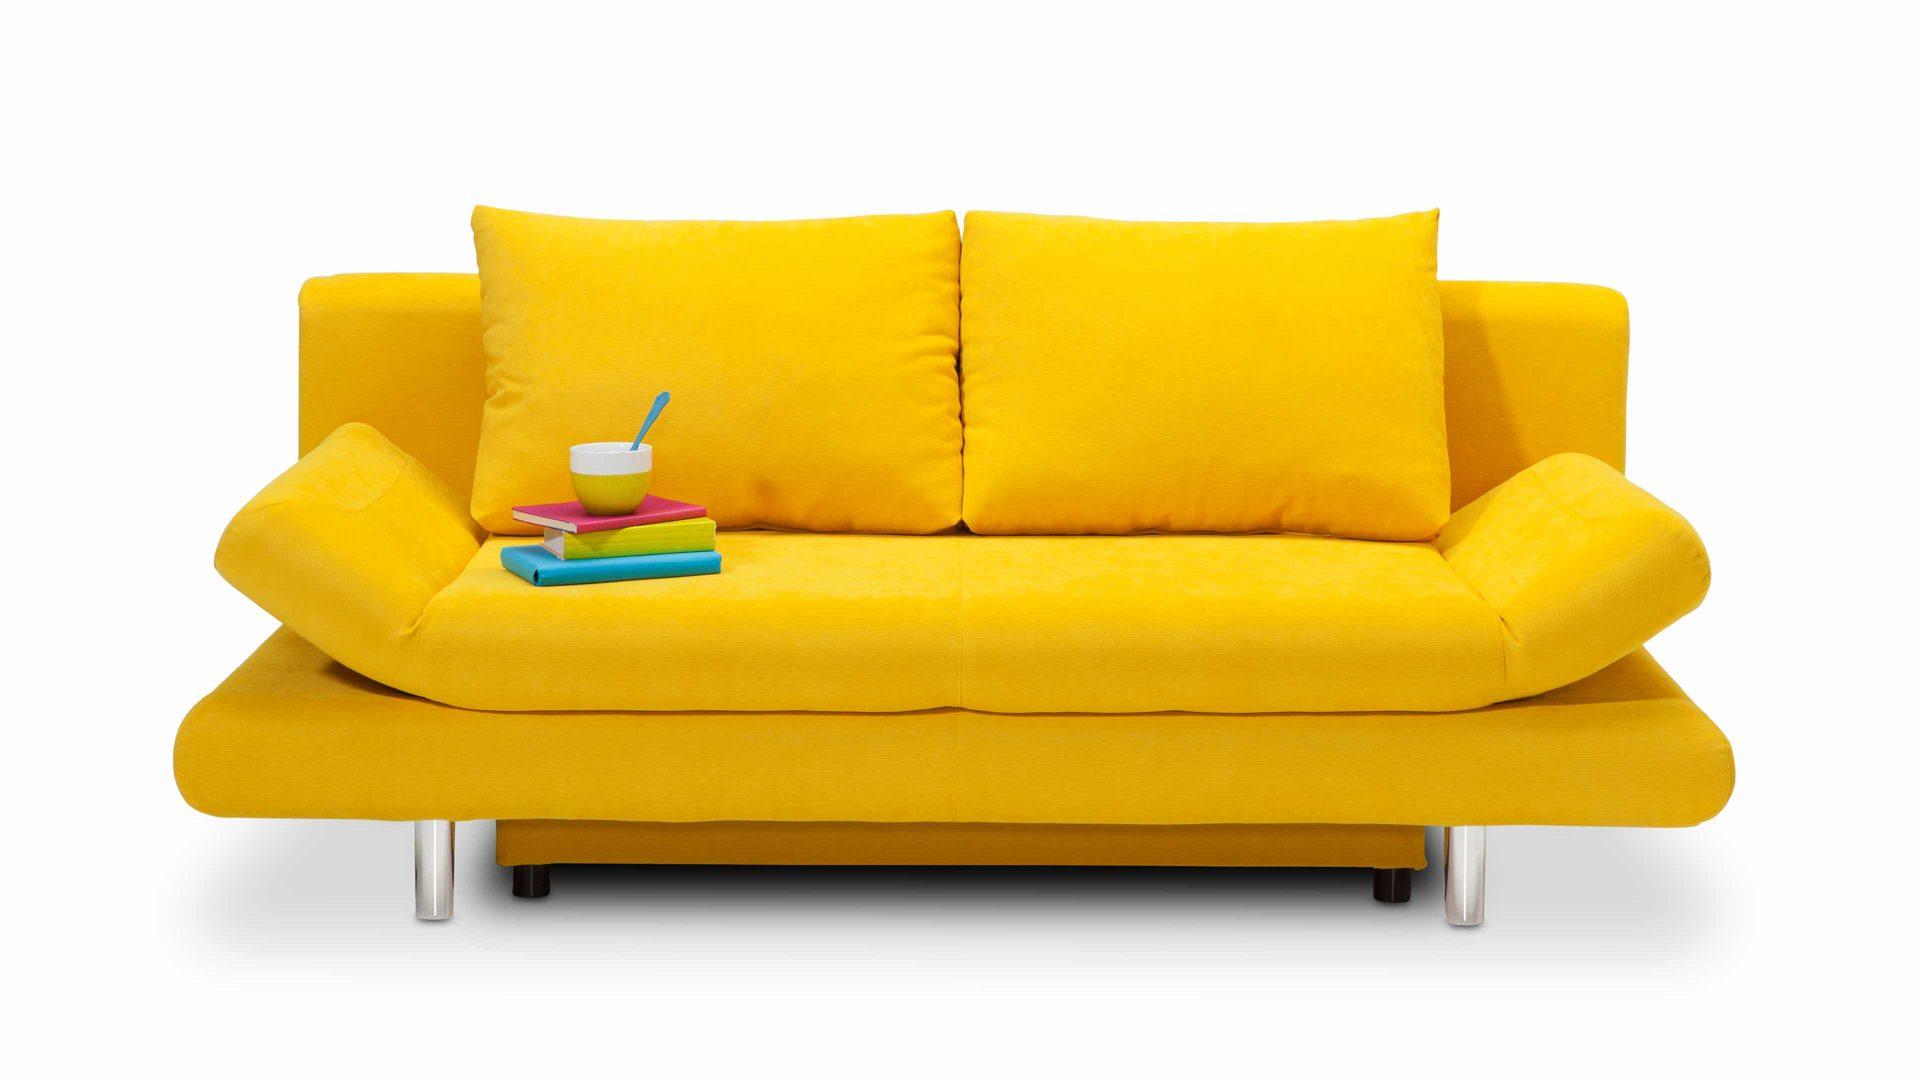 Schlafsofa - Schlafcouch als flexibles Möbel, sonnengelber Bezug ...